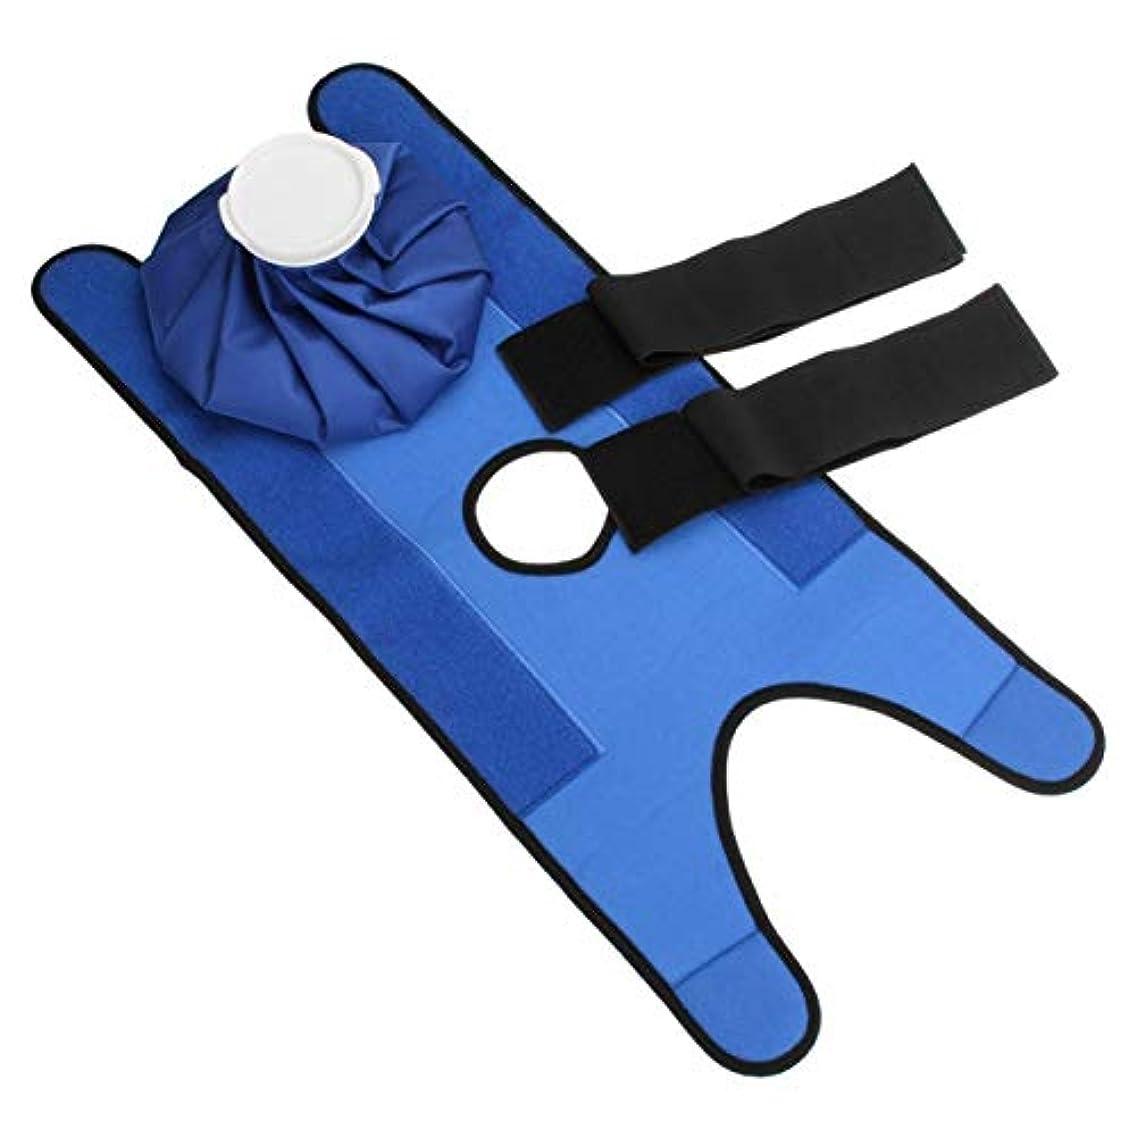 一緒ネックレット適合しましたSaikogoods 小型サイズの再使用可能なヘルスケアの膝の頭部の足の筋肉スポーツ傷害の軽減の痛みのアイスバッグ包帯が付いている無毒なアイスパック